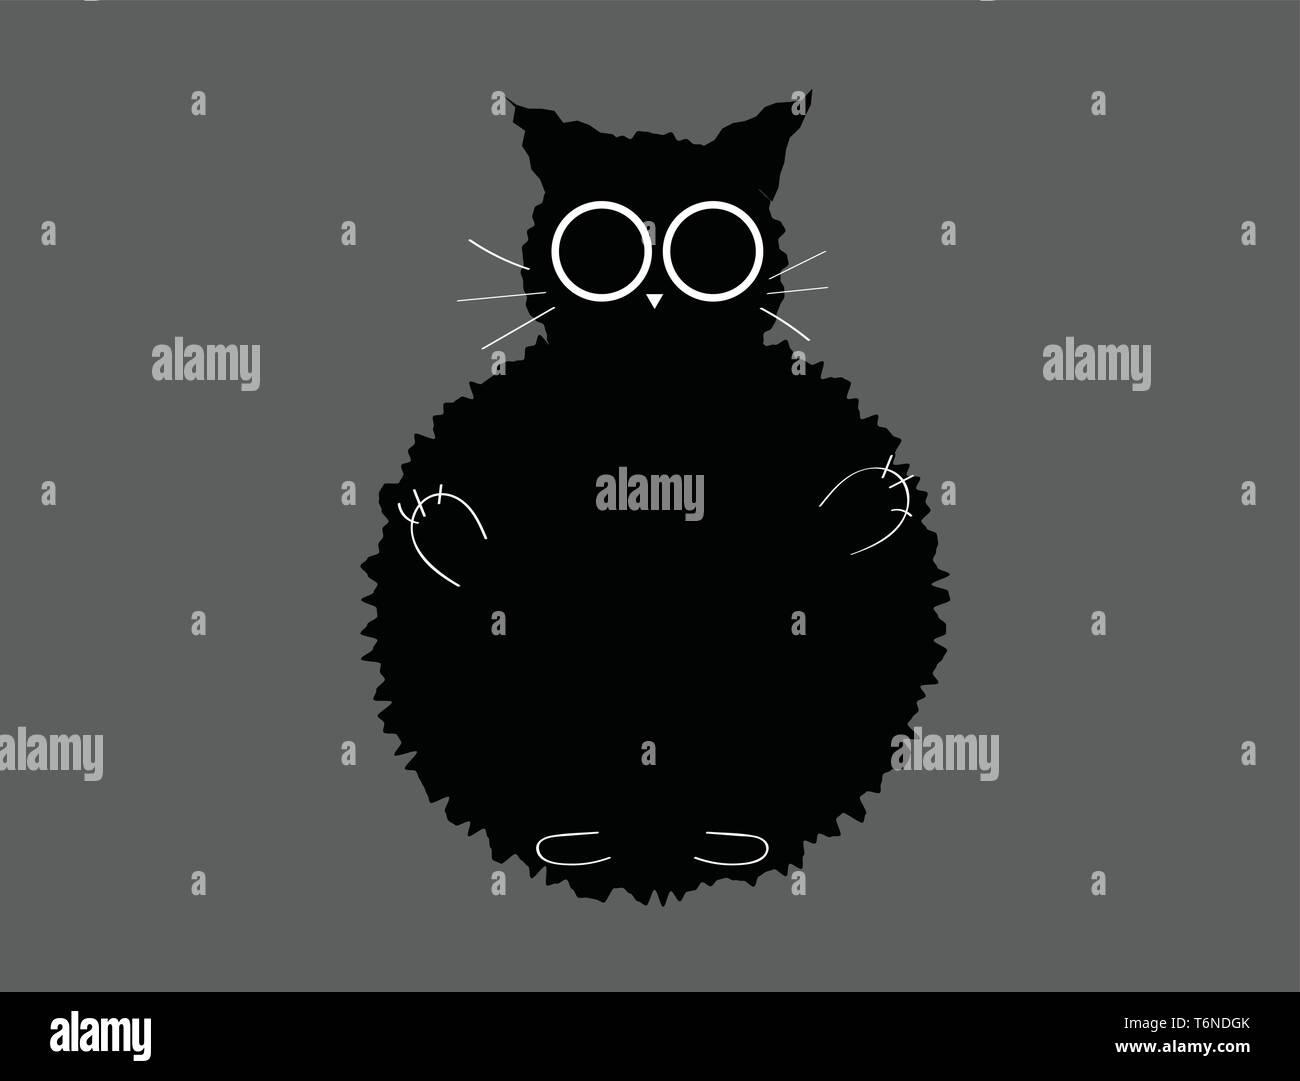 Ritratto di un nero gatto peloso con brevi orecchie baffi bianchi triangolo invertito-come naso bianco mani e gambe su uno sfondo grigio col vettore Illustrazione Vettoriale